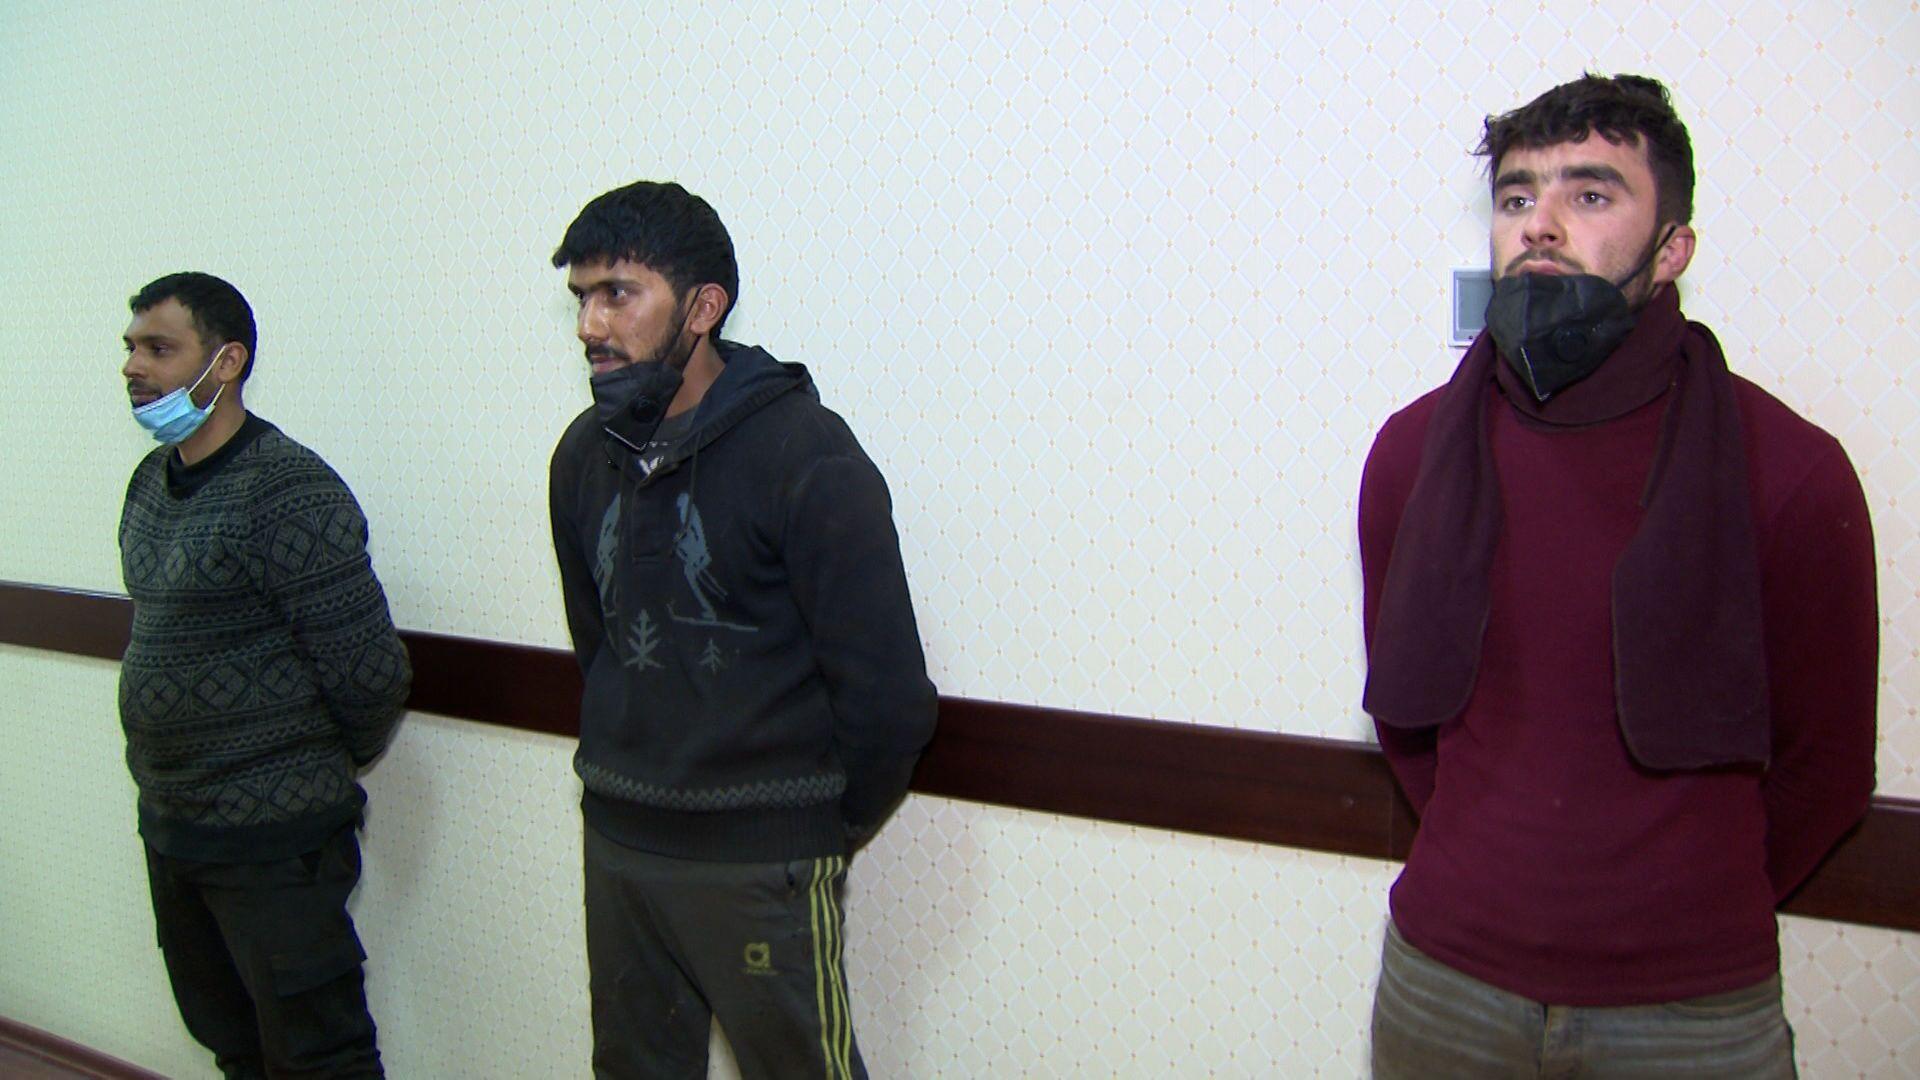 Полиция Баку задержала вредителей госимущества, укравших трубопровод - фото - Sputnik Азербайджан, 1920, 17.03.2021